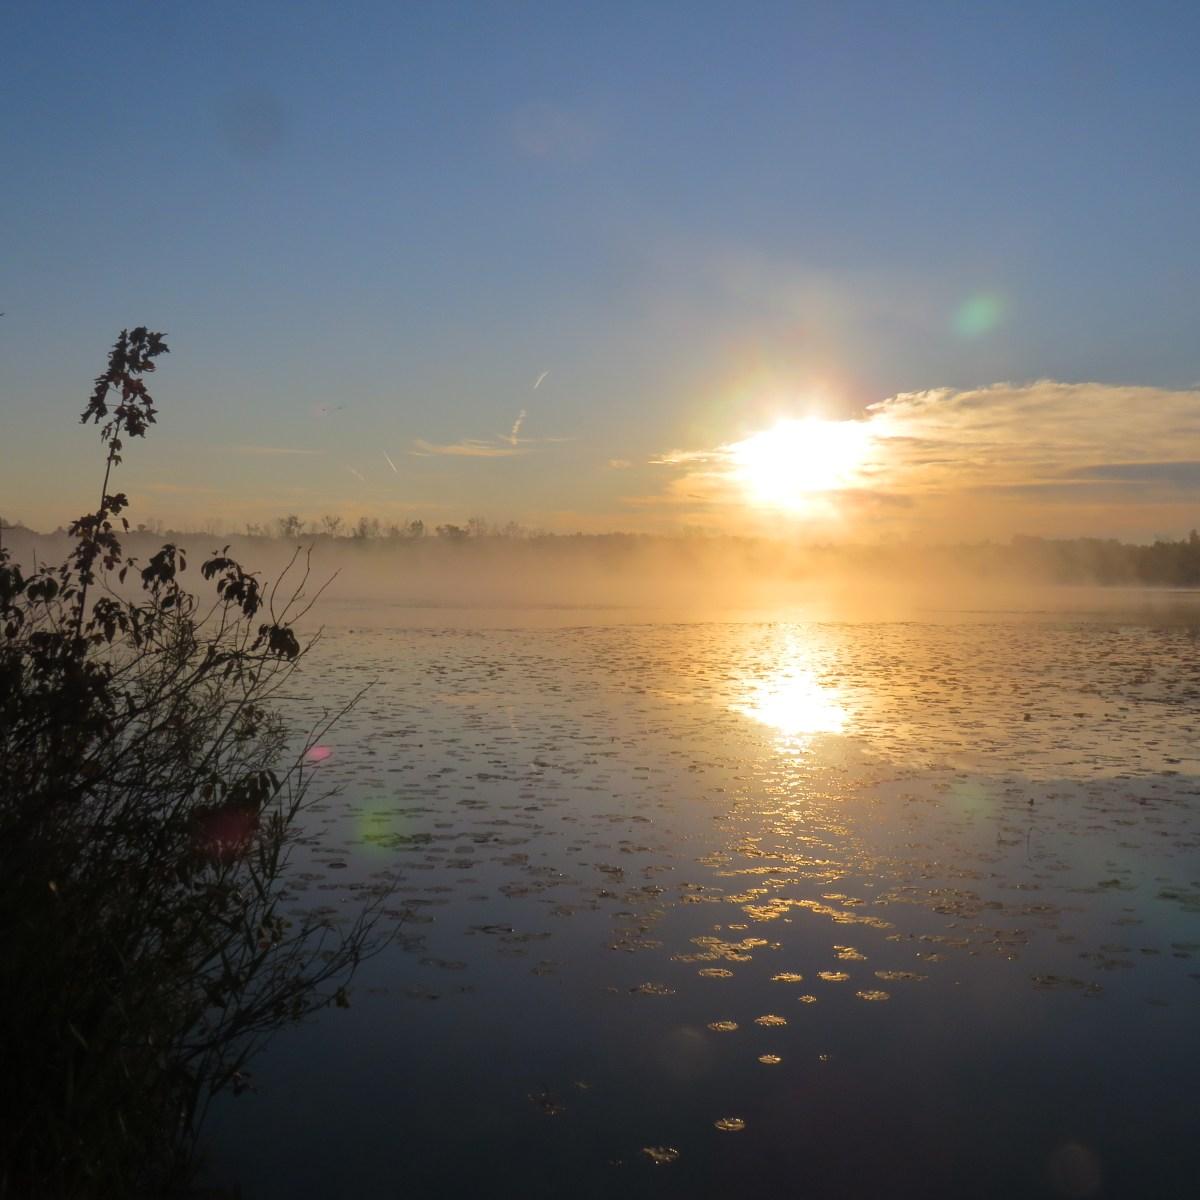 The sun rises over a lake